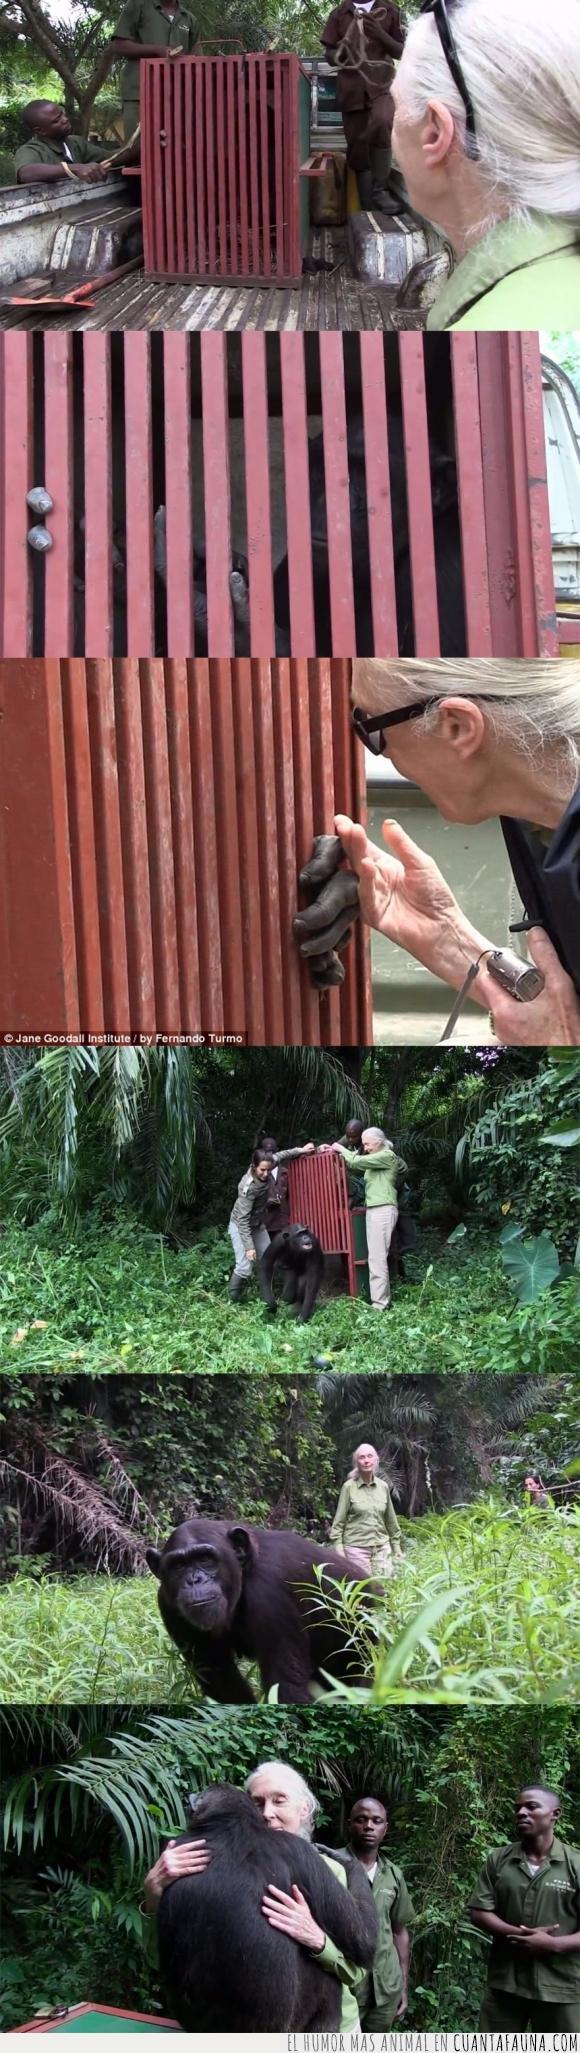 abrazar,abrazo,agradecer,chimpance,gracias,Jane Goodall,mono,simio